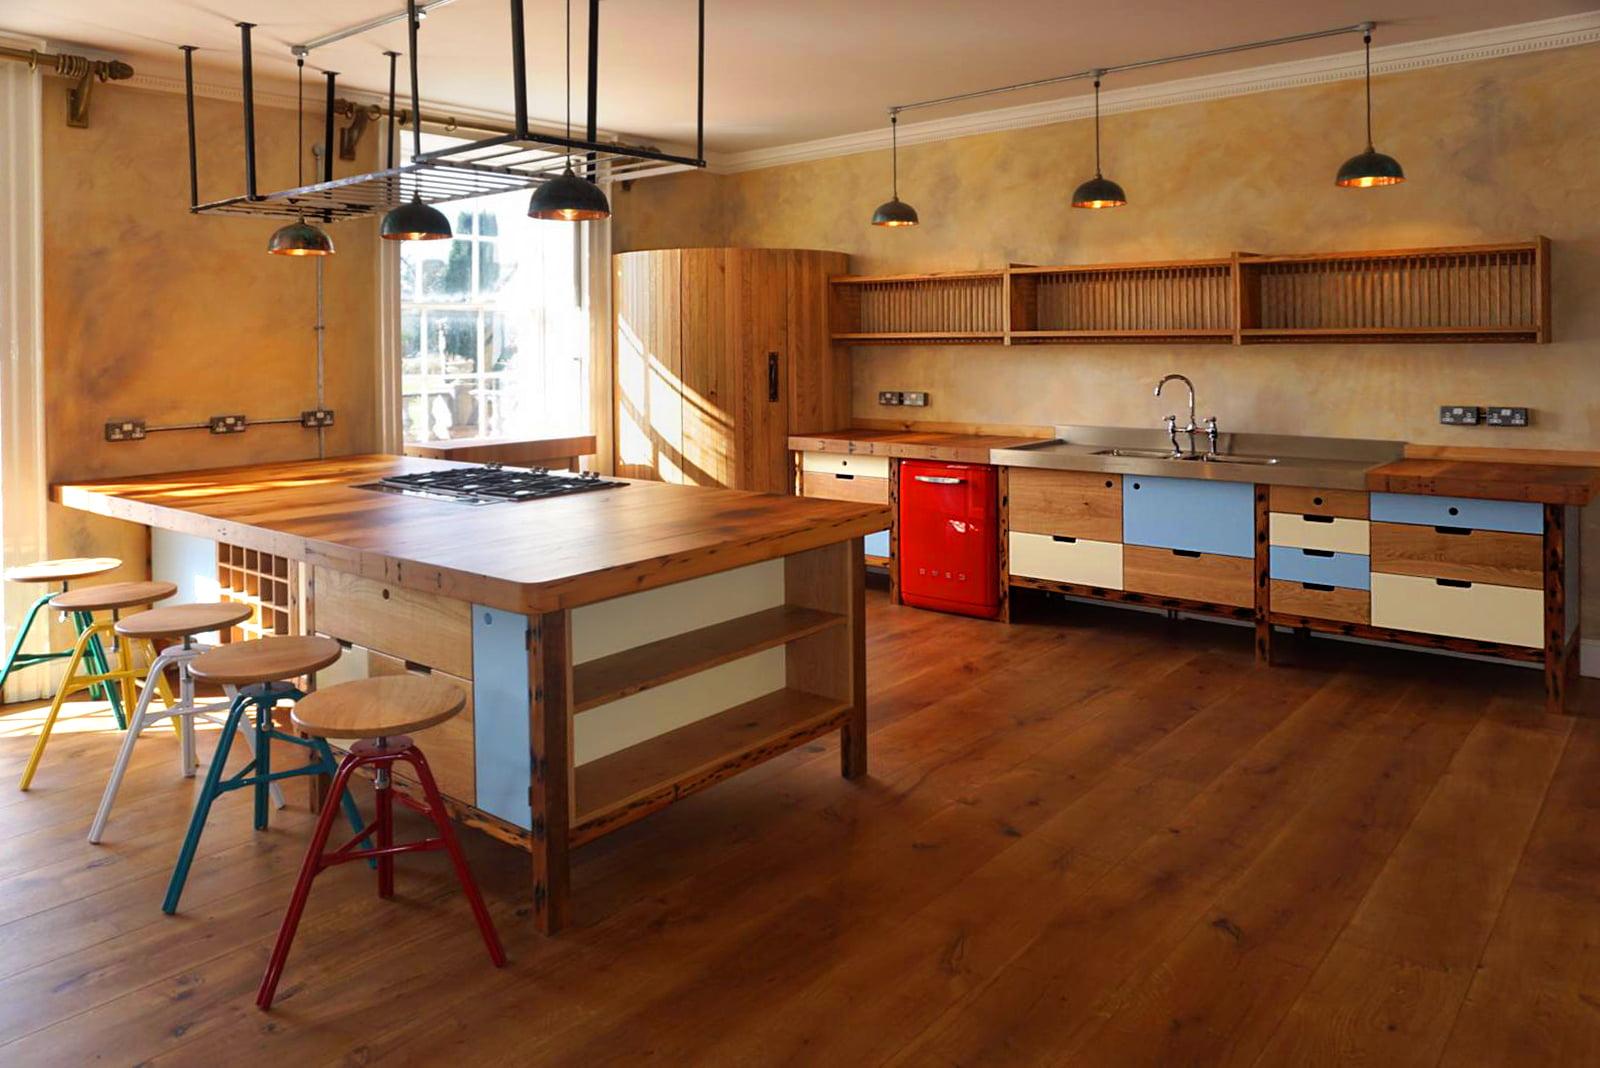 Round Corner Fridge in Kitchen